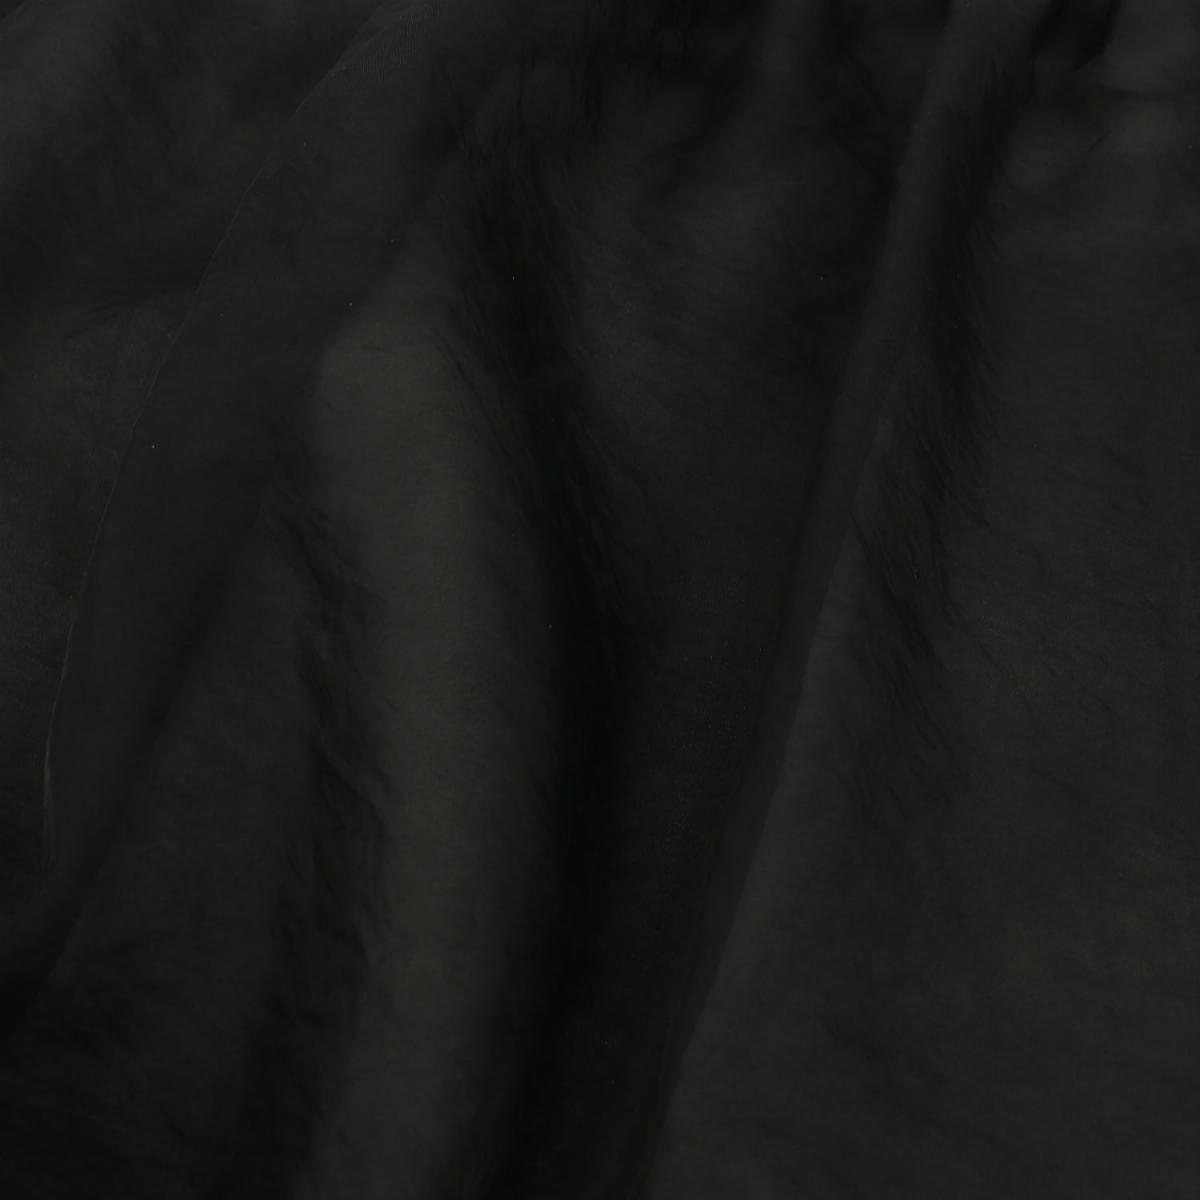 アッパーハイツ upper hights レディース オーガンジータックスカート DAY upper hights デイ アッパーハイツ Annie 213DP026 UPH(ブラック) 秋冬新作